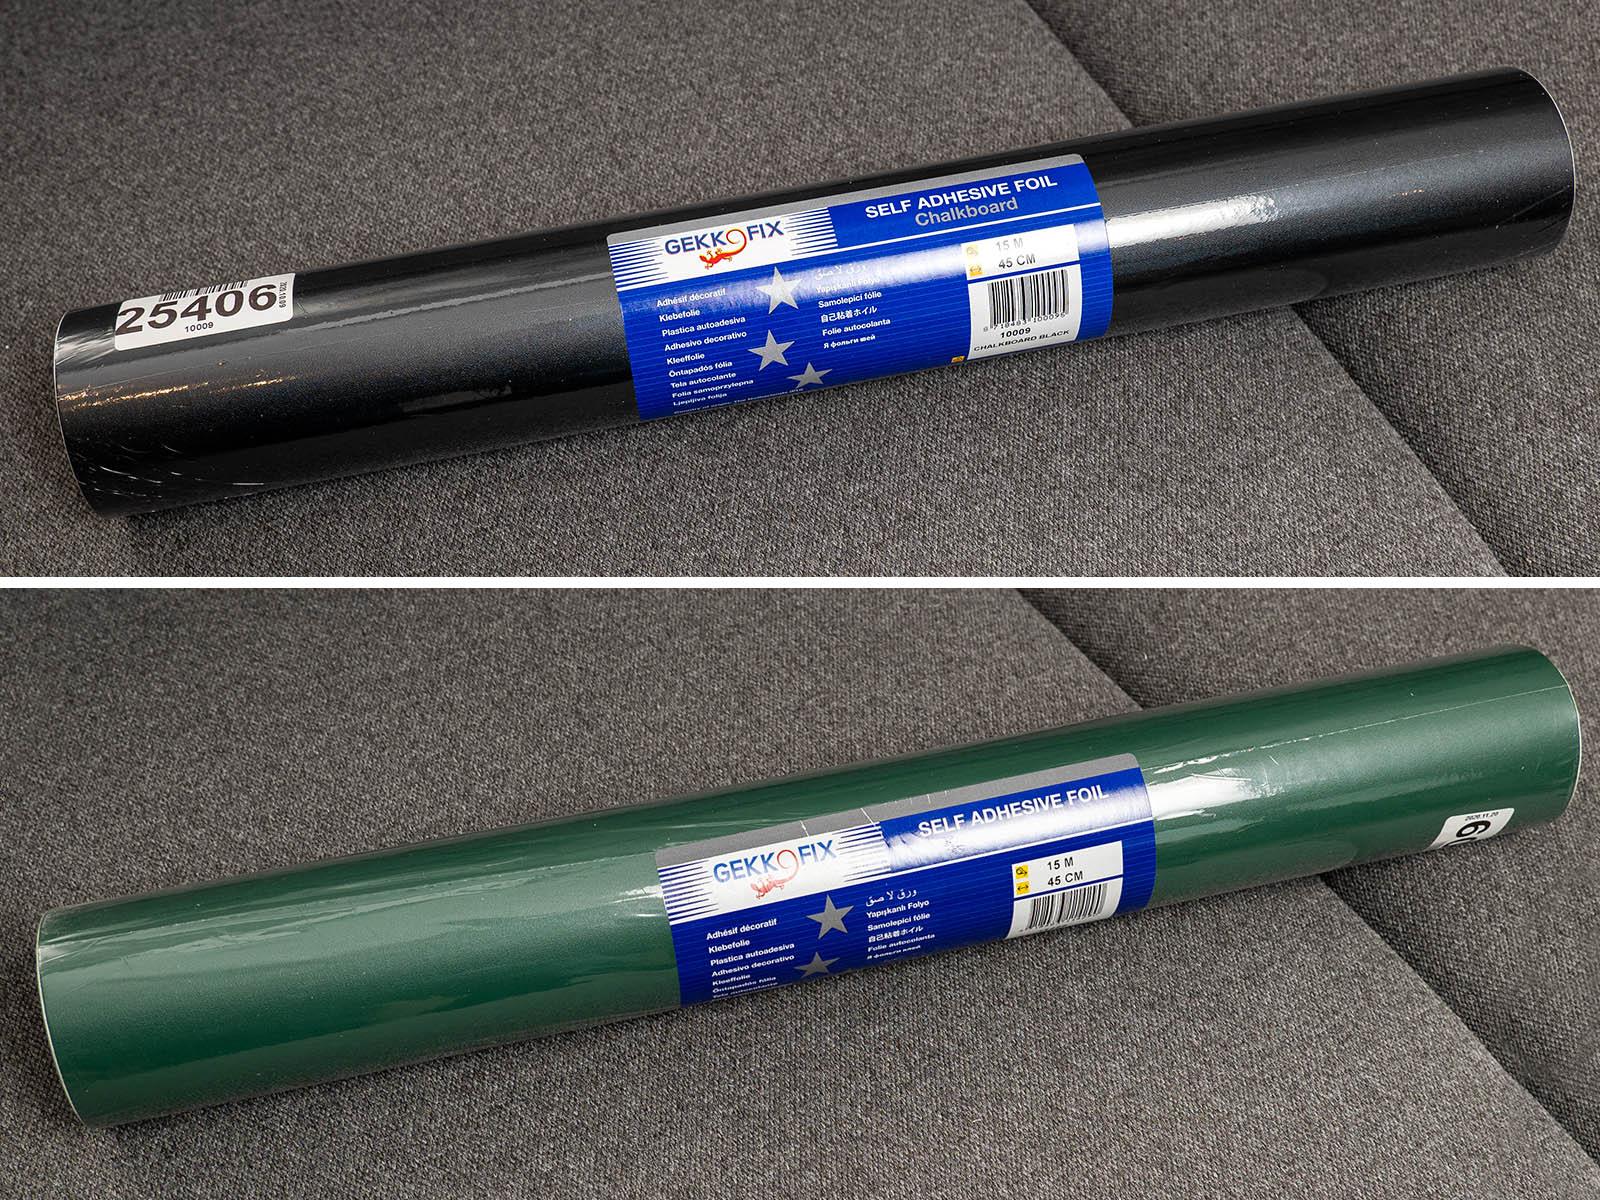 Gekkofix krétával írható öntapadós fólia, 15 méteres tekercsben, fekete és zöld színben.